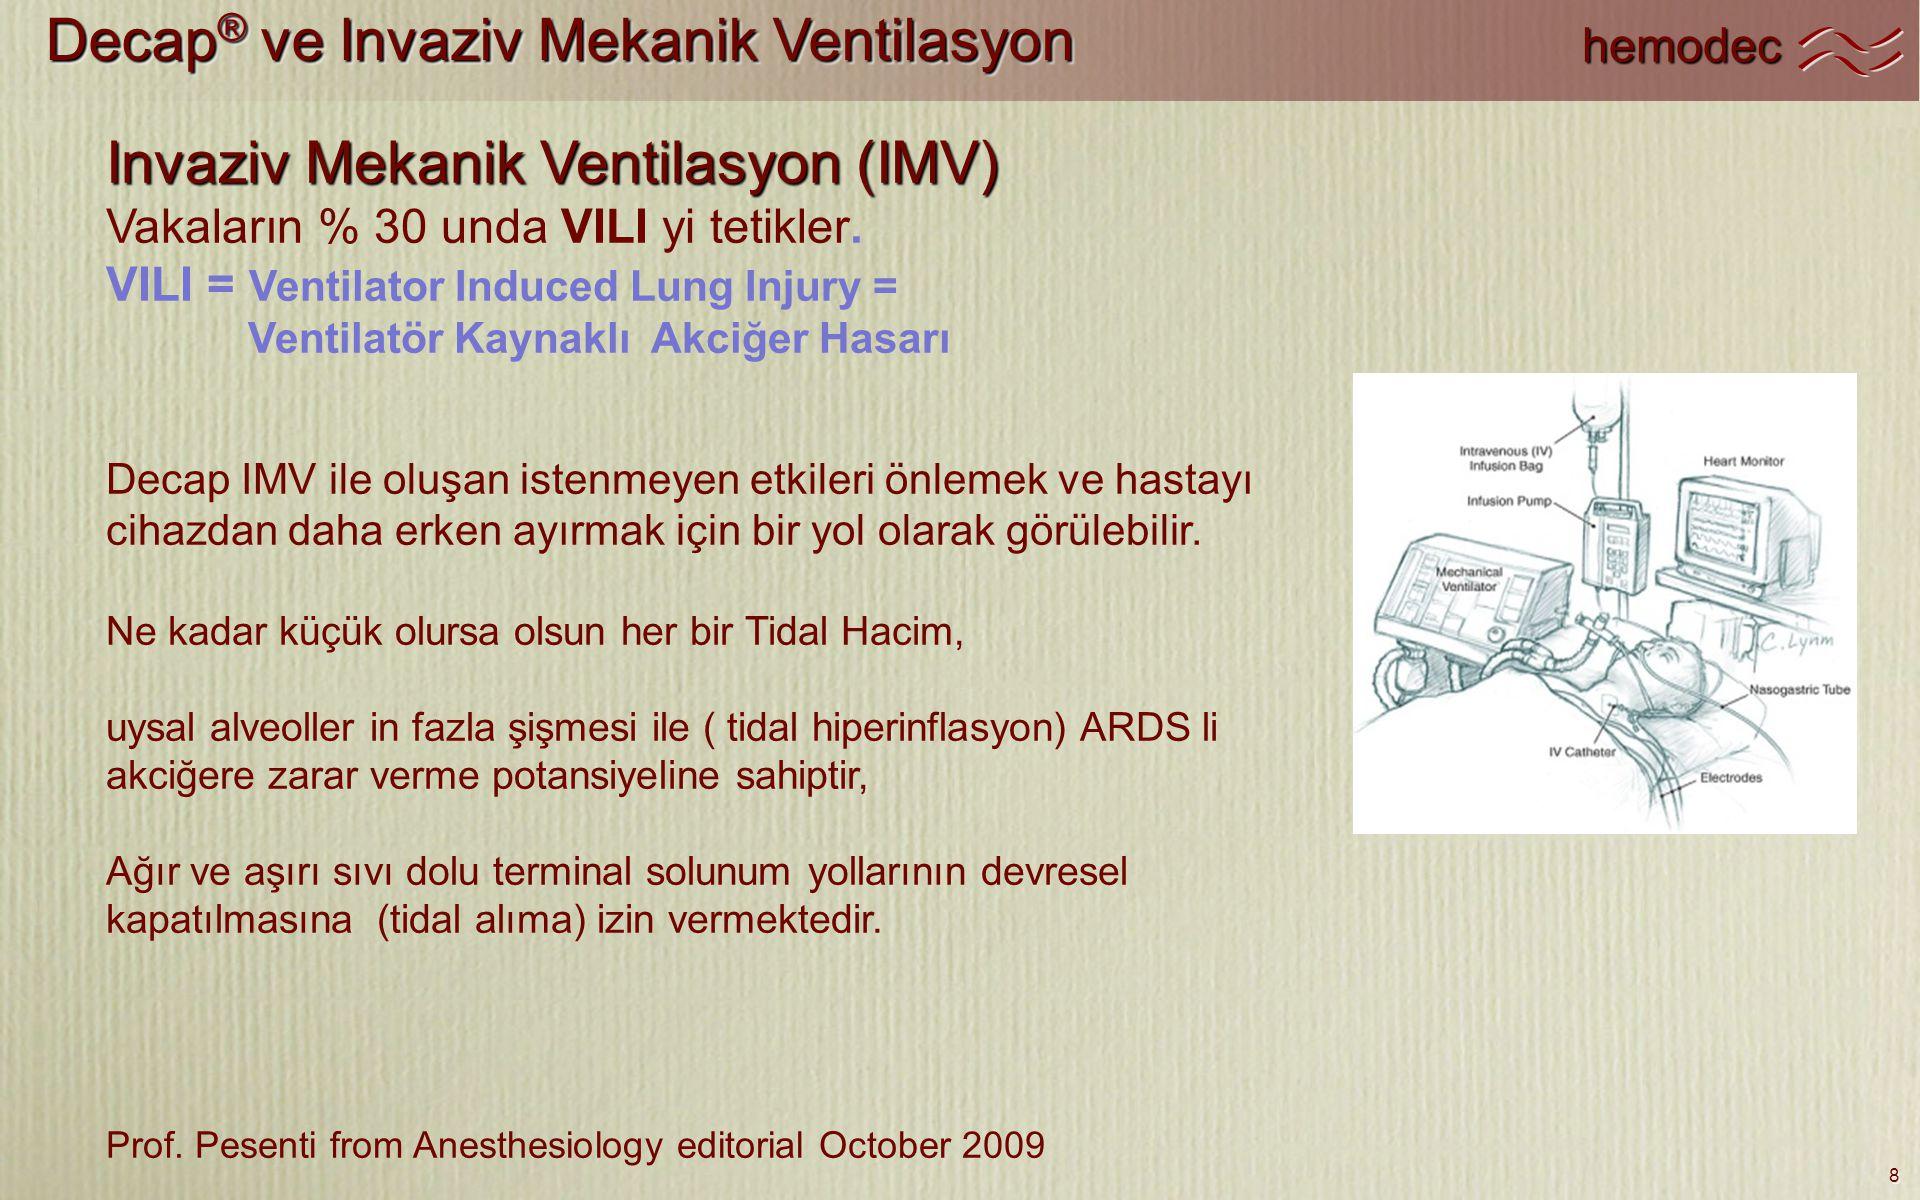 hemodec 8 Decap ® ve Invaziv Mekanik Ventilasyon Invaziv Mekanik Ventilasyon (IMV) Vakaların % 30 unda VILI yi tetikler. VILI = Ventilator Induced Lun